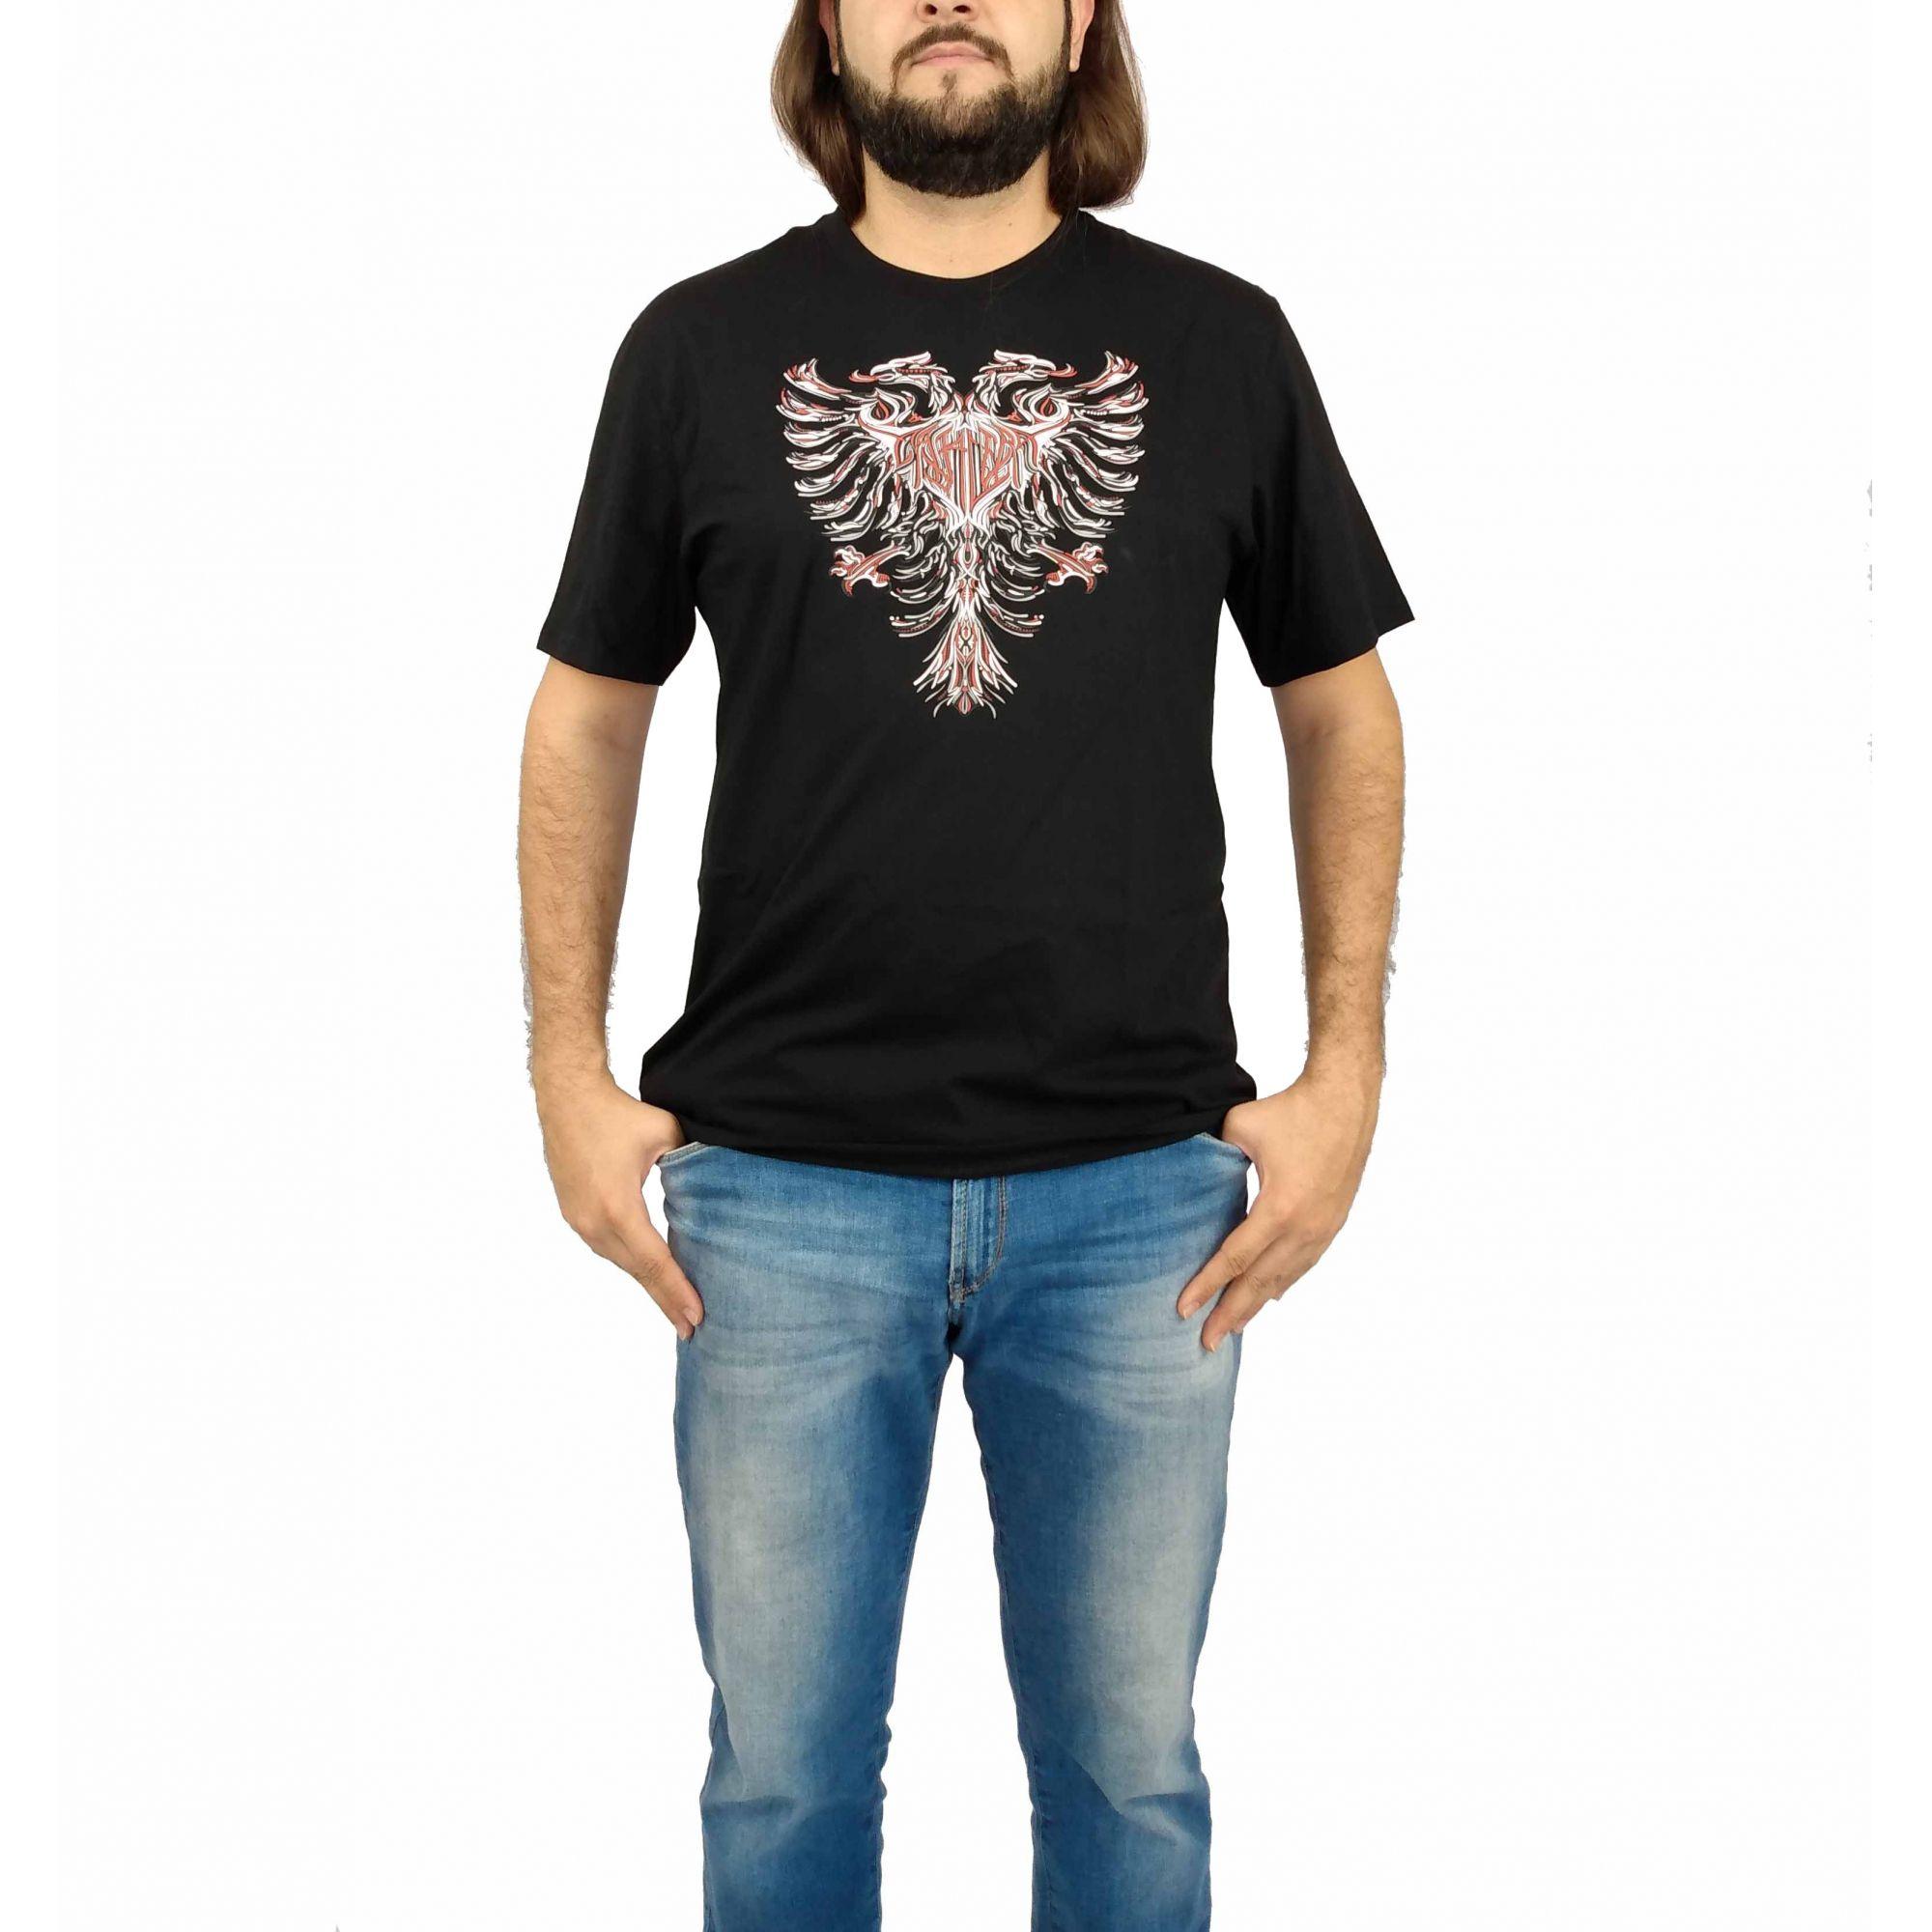 Camiseta Cavalera Masculina Águia Desenhada